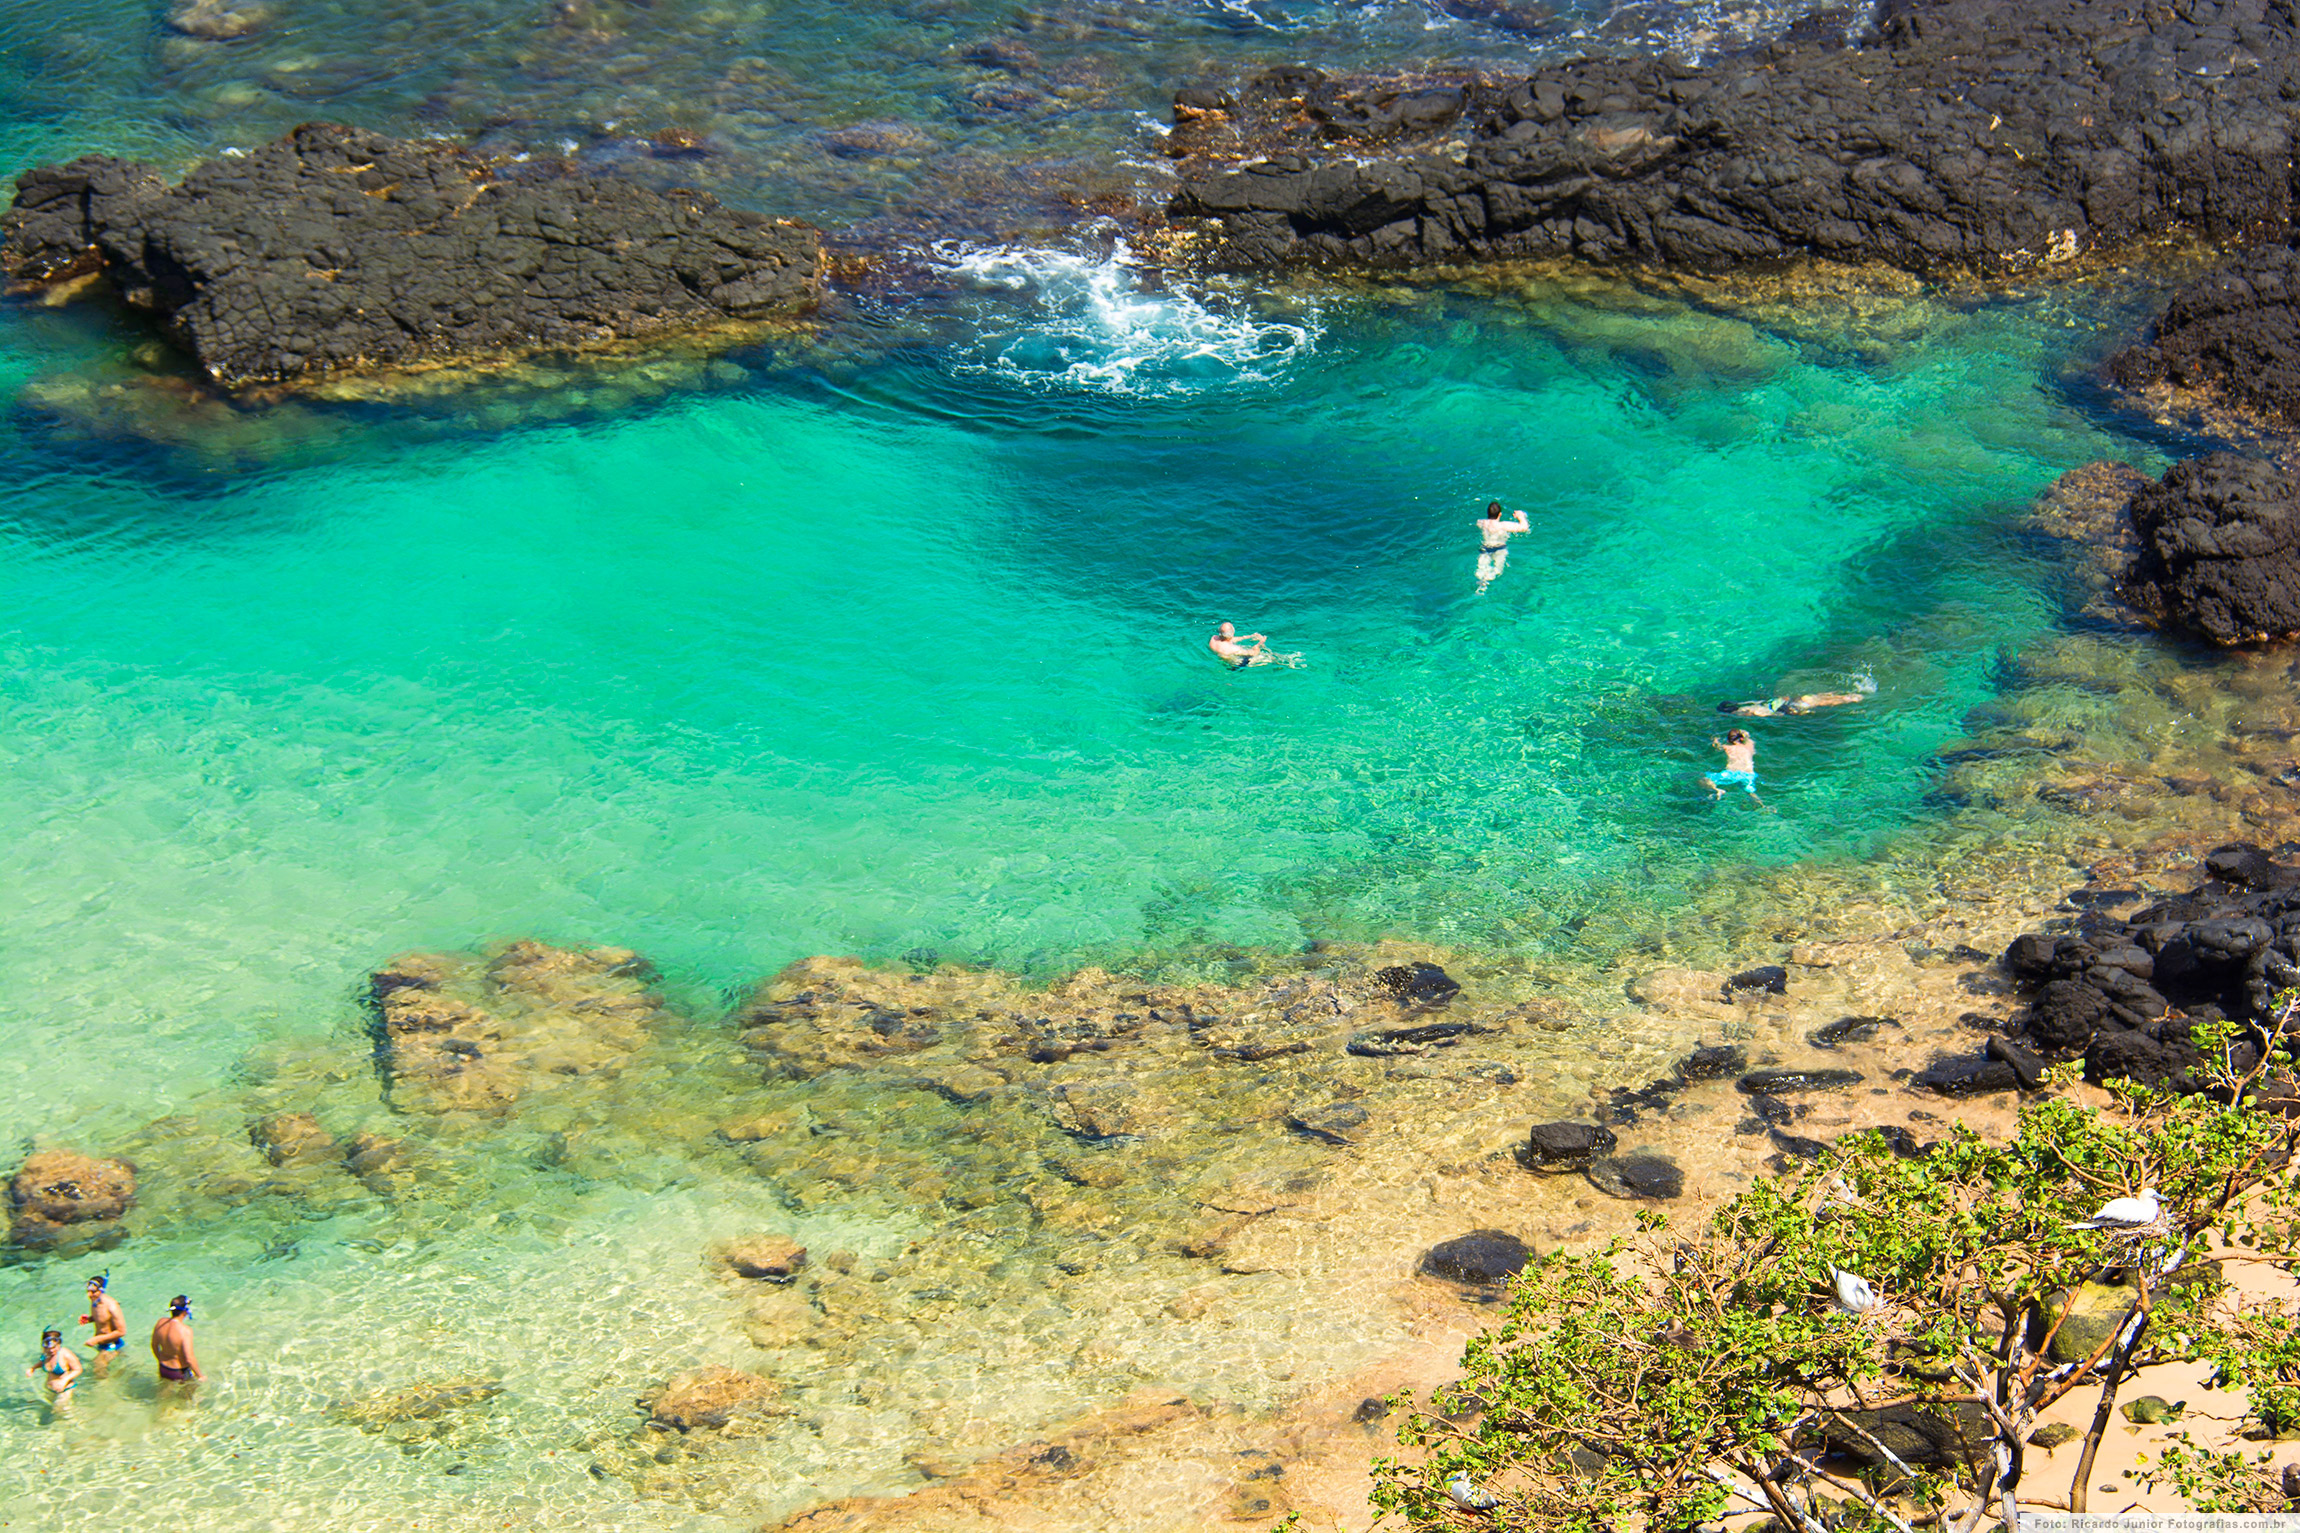 Piscinas Naturais da Baía dos Porcos, em Fernando de Noronha – Foto: Ricardo Junior